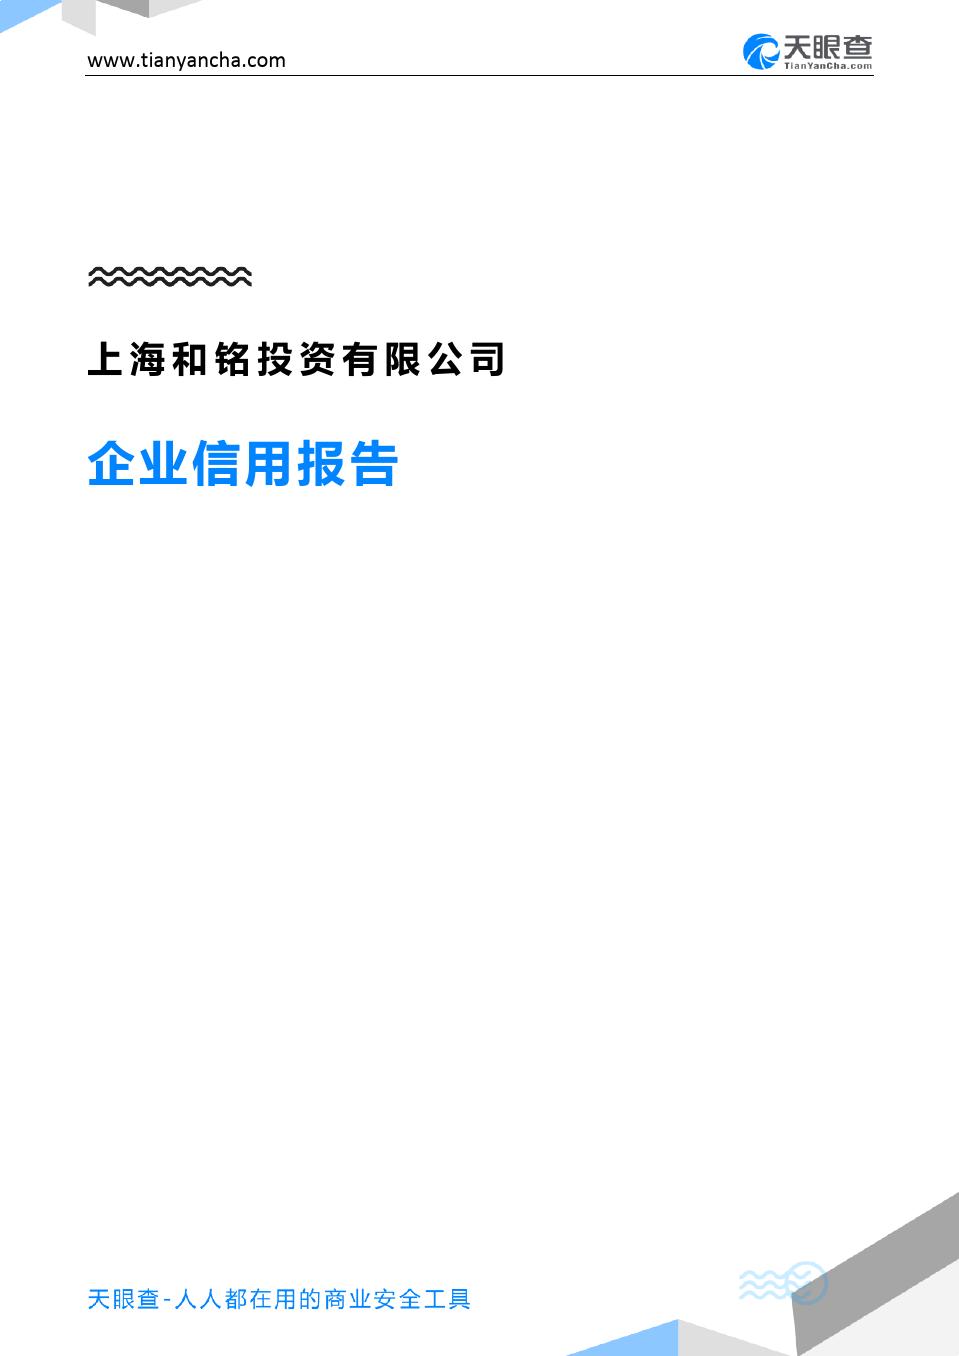 上海和铭投资有限公司(企业信用报告)- 天眼查